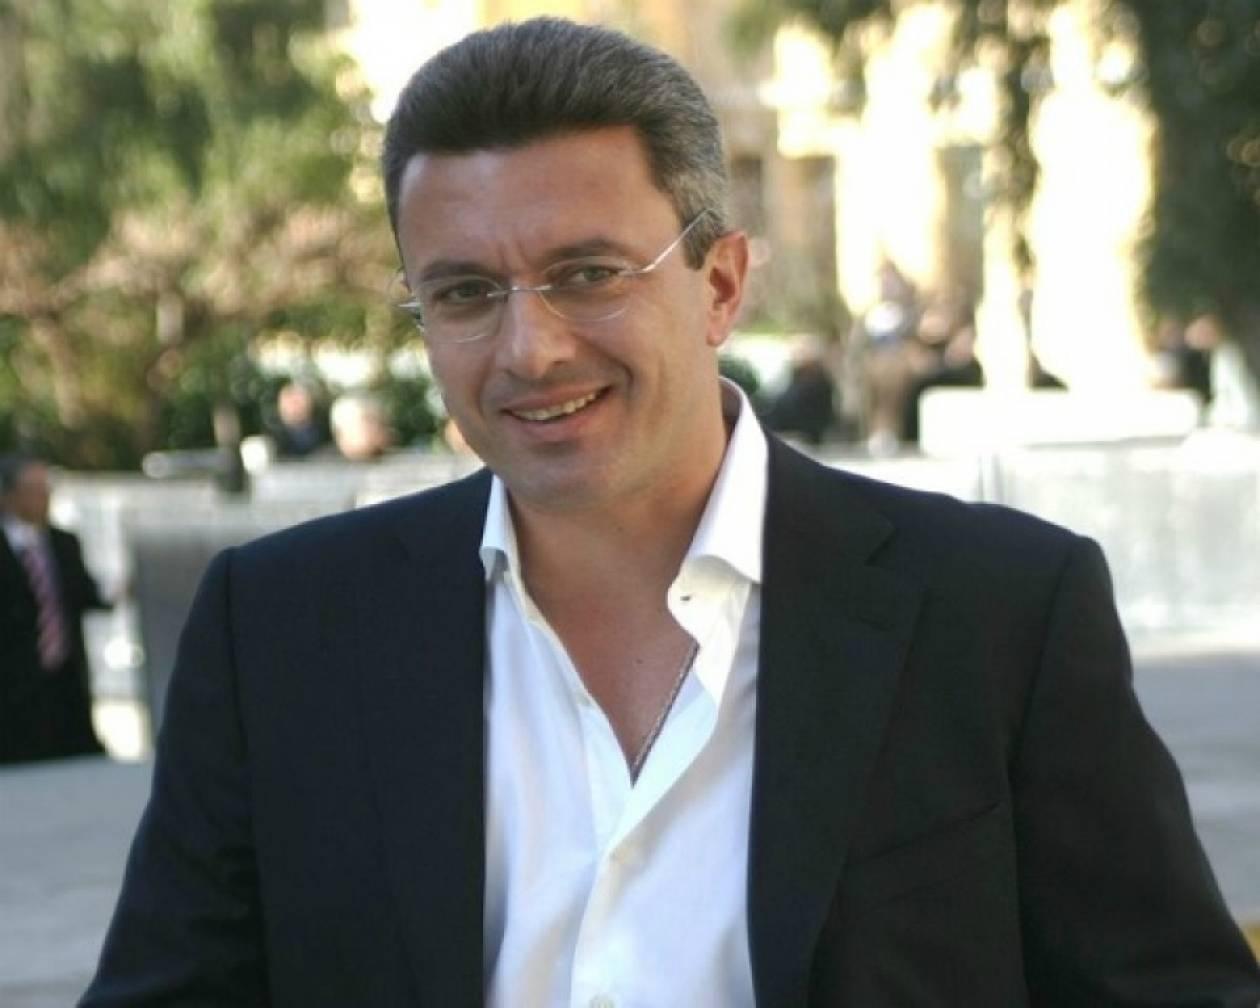 Ο Νίκος Χατζηνικολάου με μια εβδομάδα αφωνία